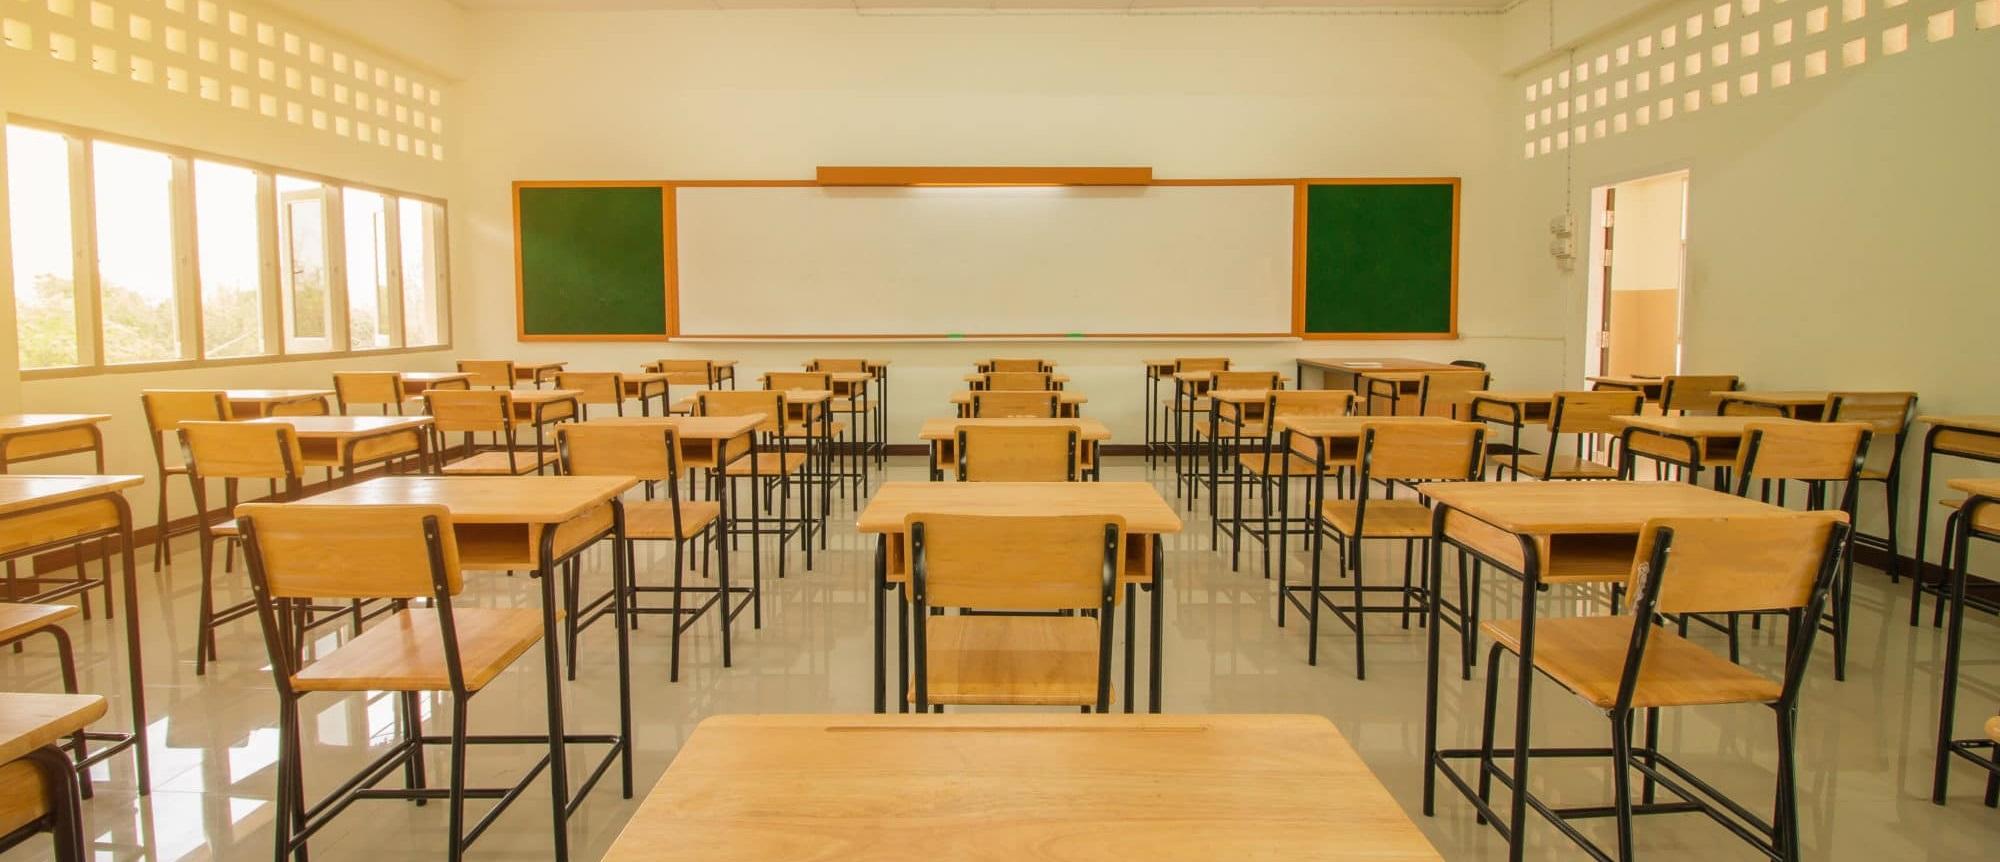 COVID-19: Pubblicato il Decreto legge sulla scuola